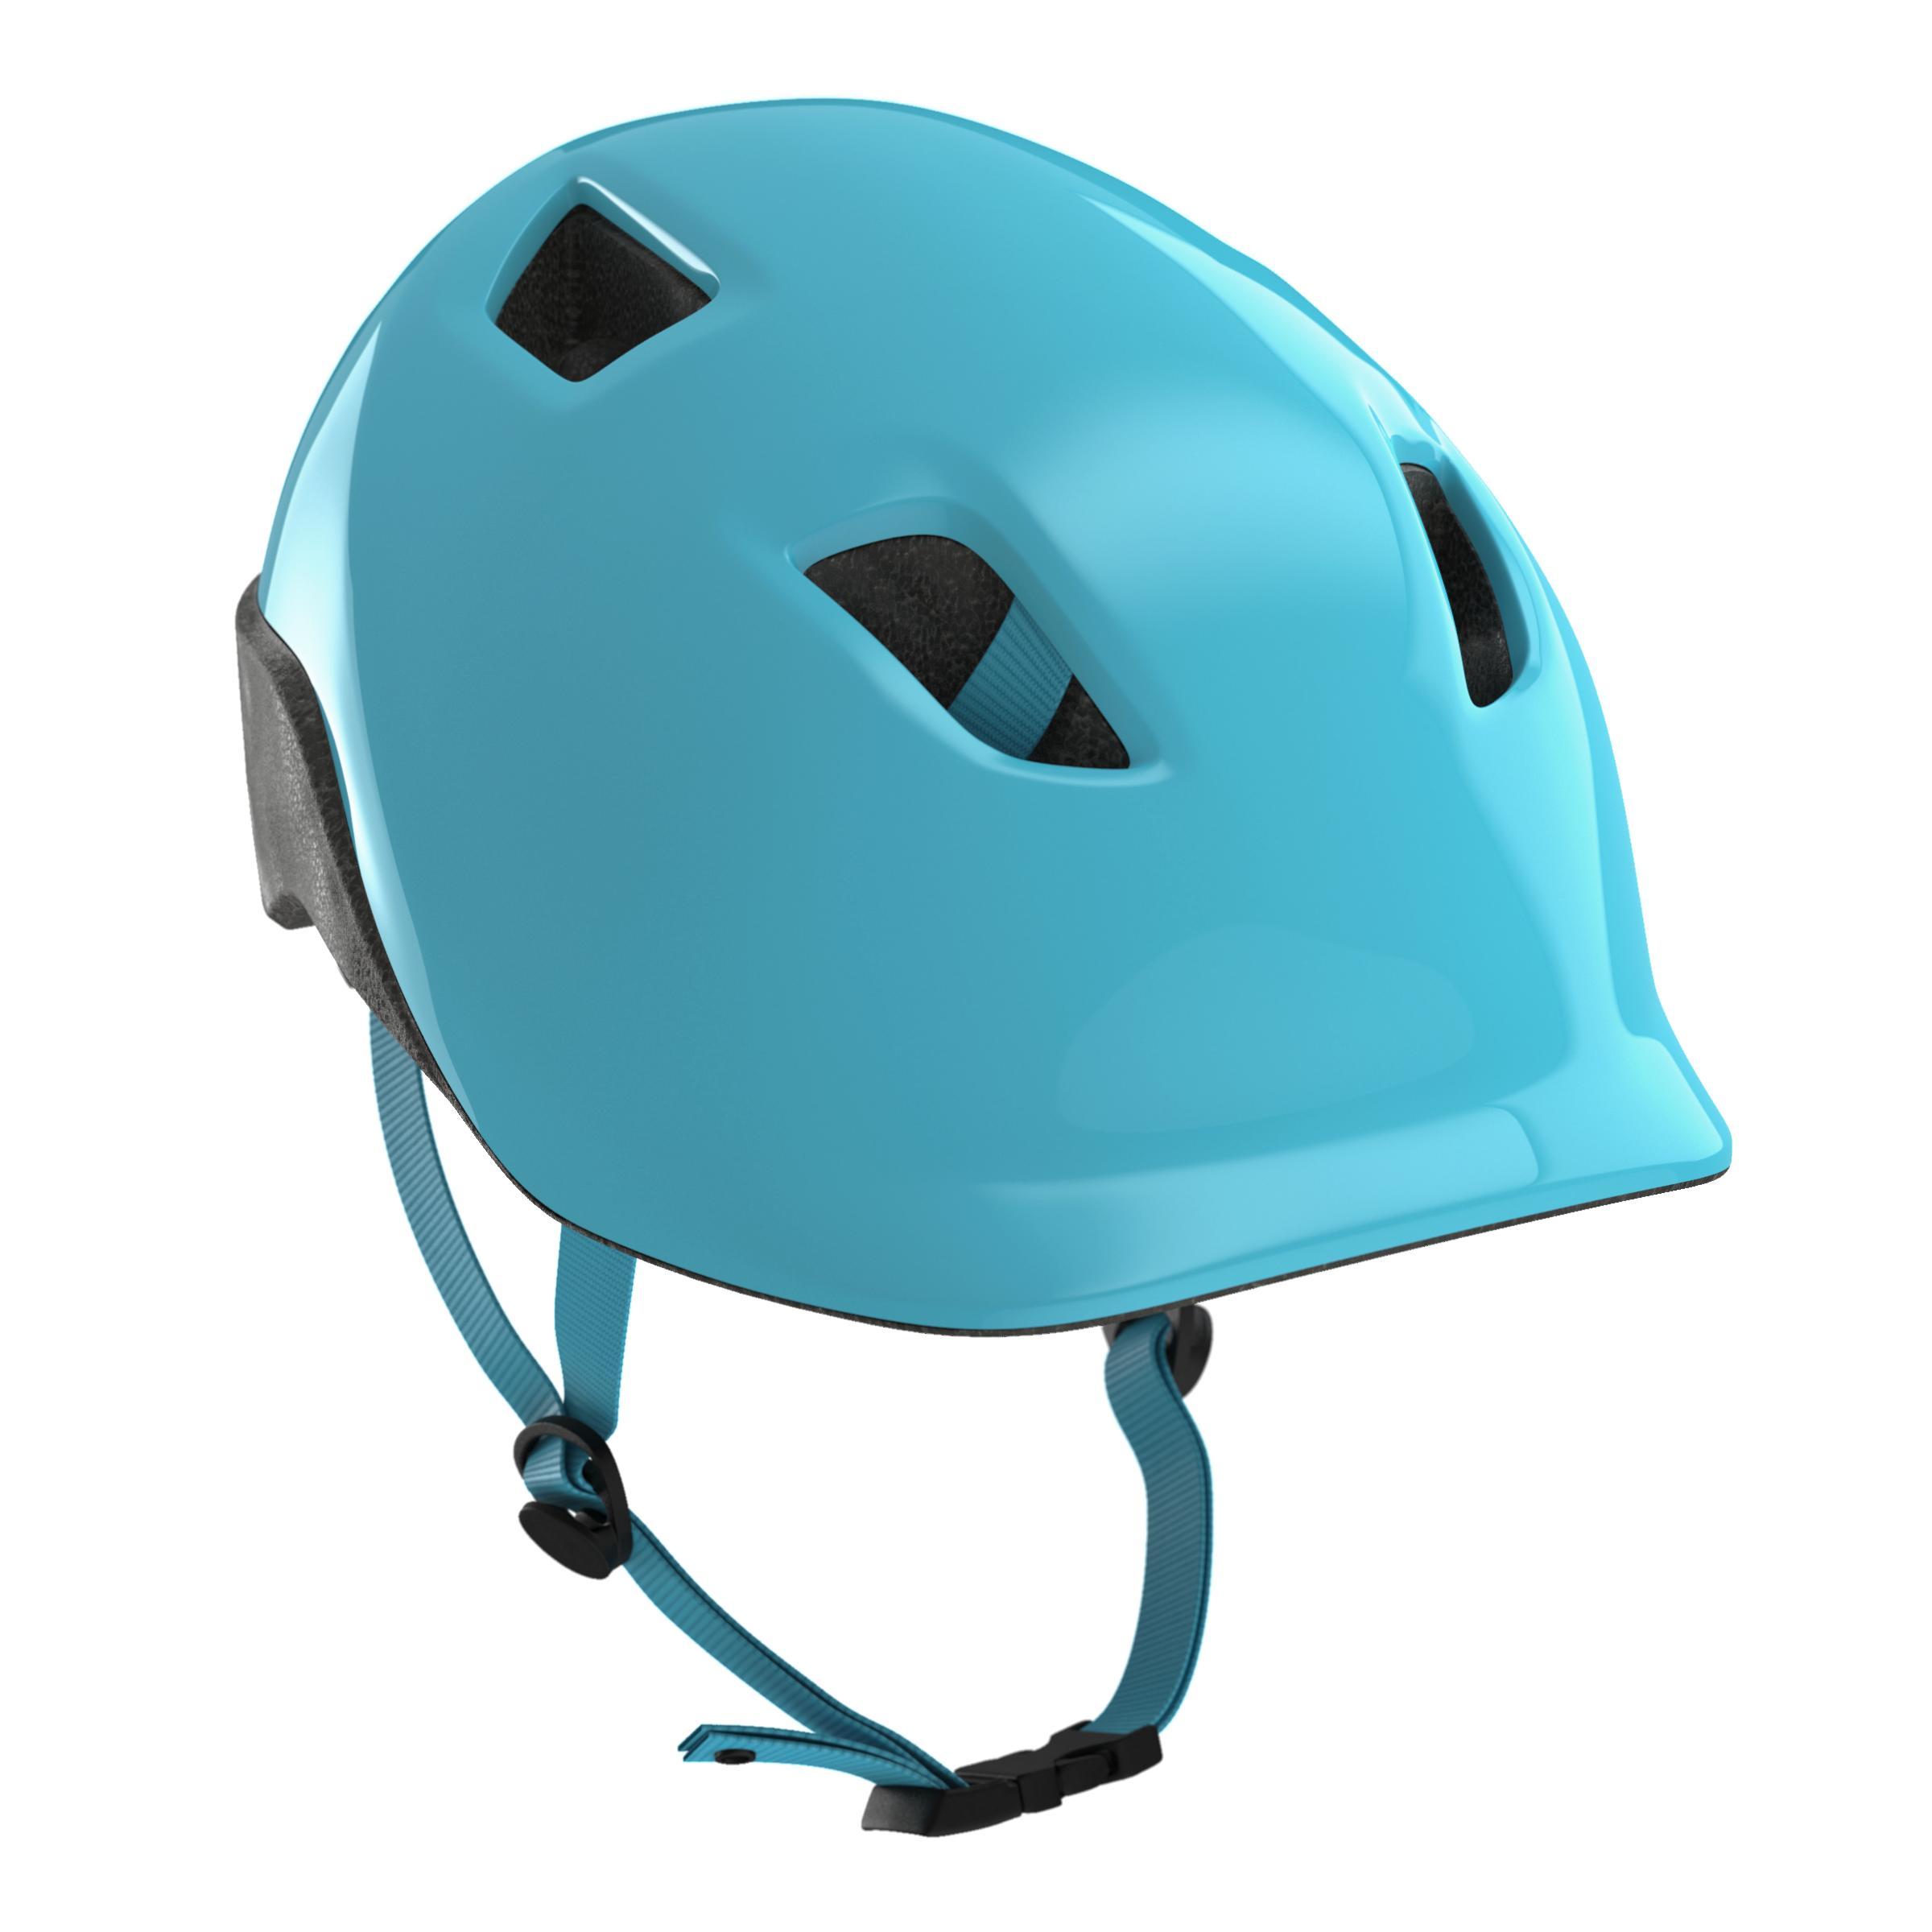 Cască ciclism 500 Turcoaz